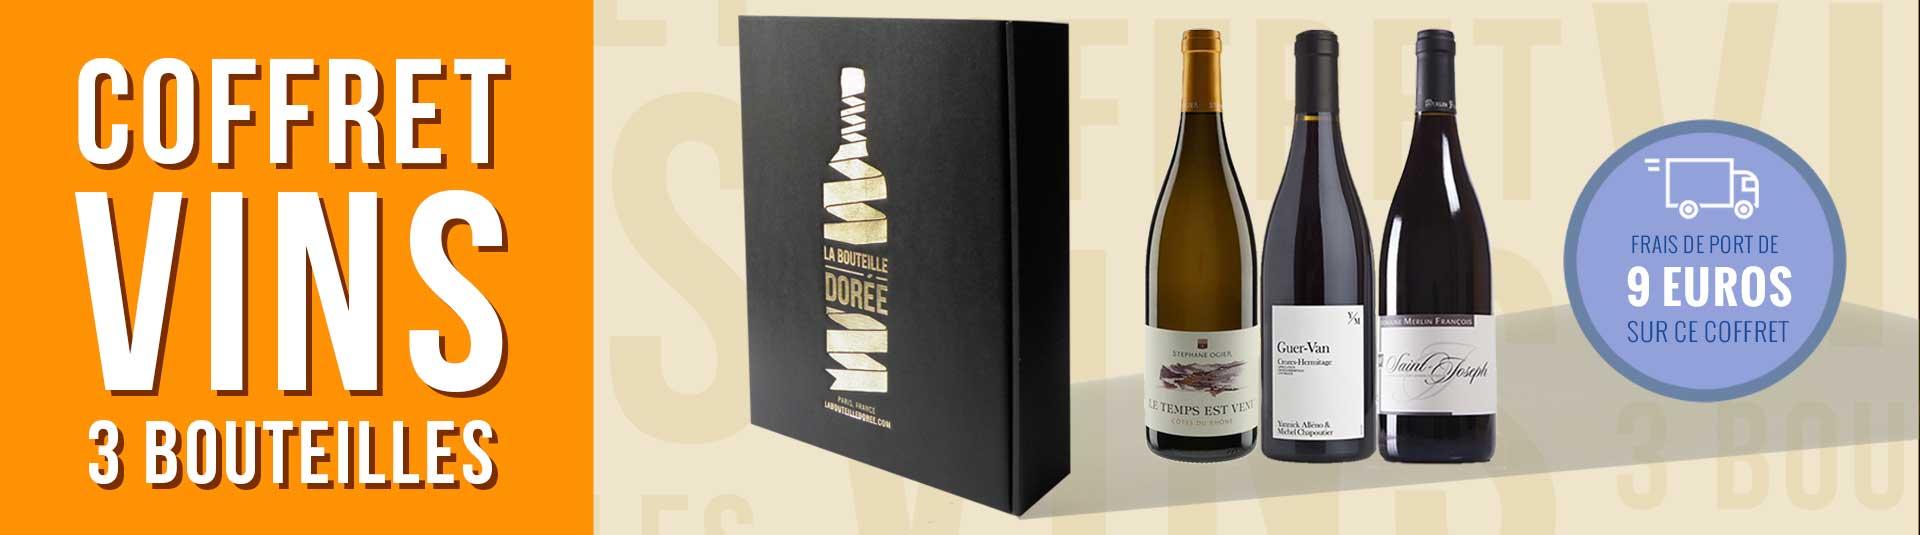 coffret vin Rhône 3 bouteilles cépages Syrah, Grenache et Roussanne